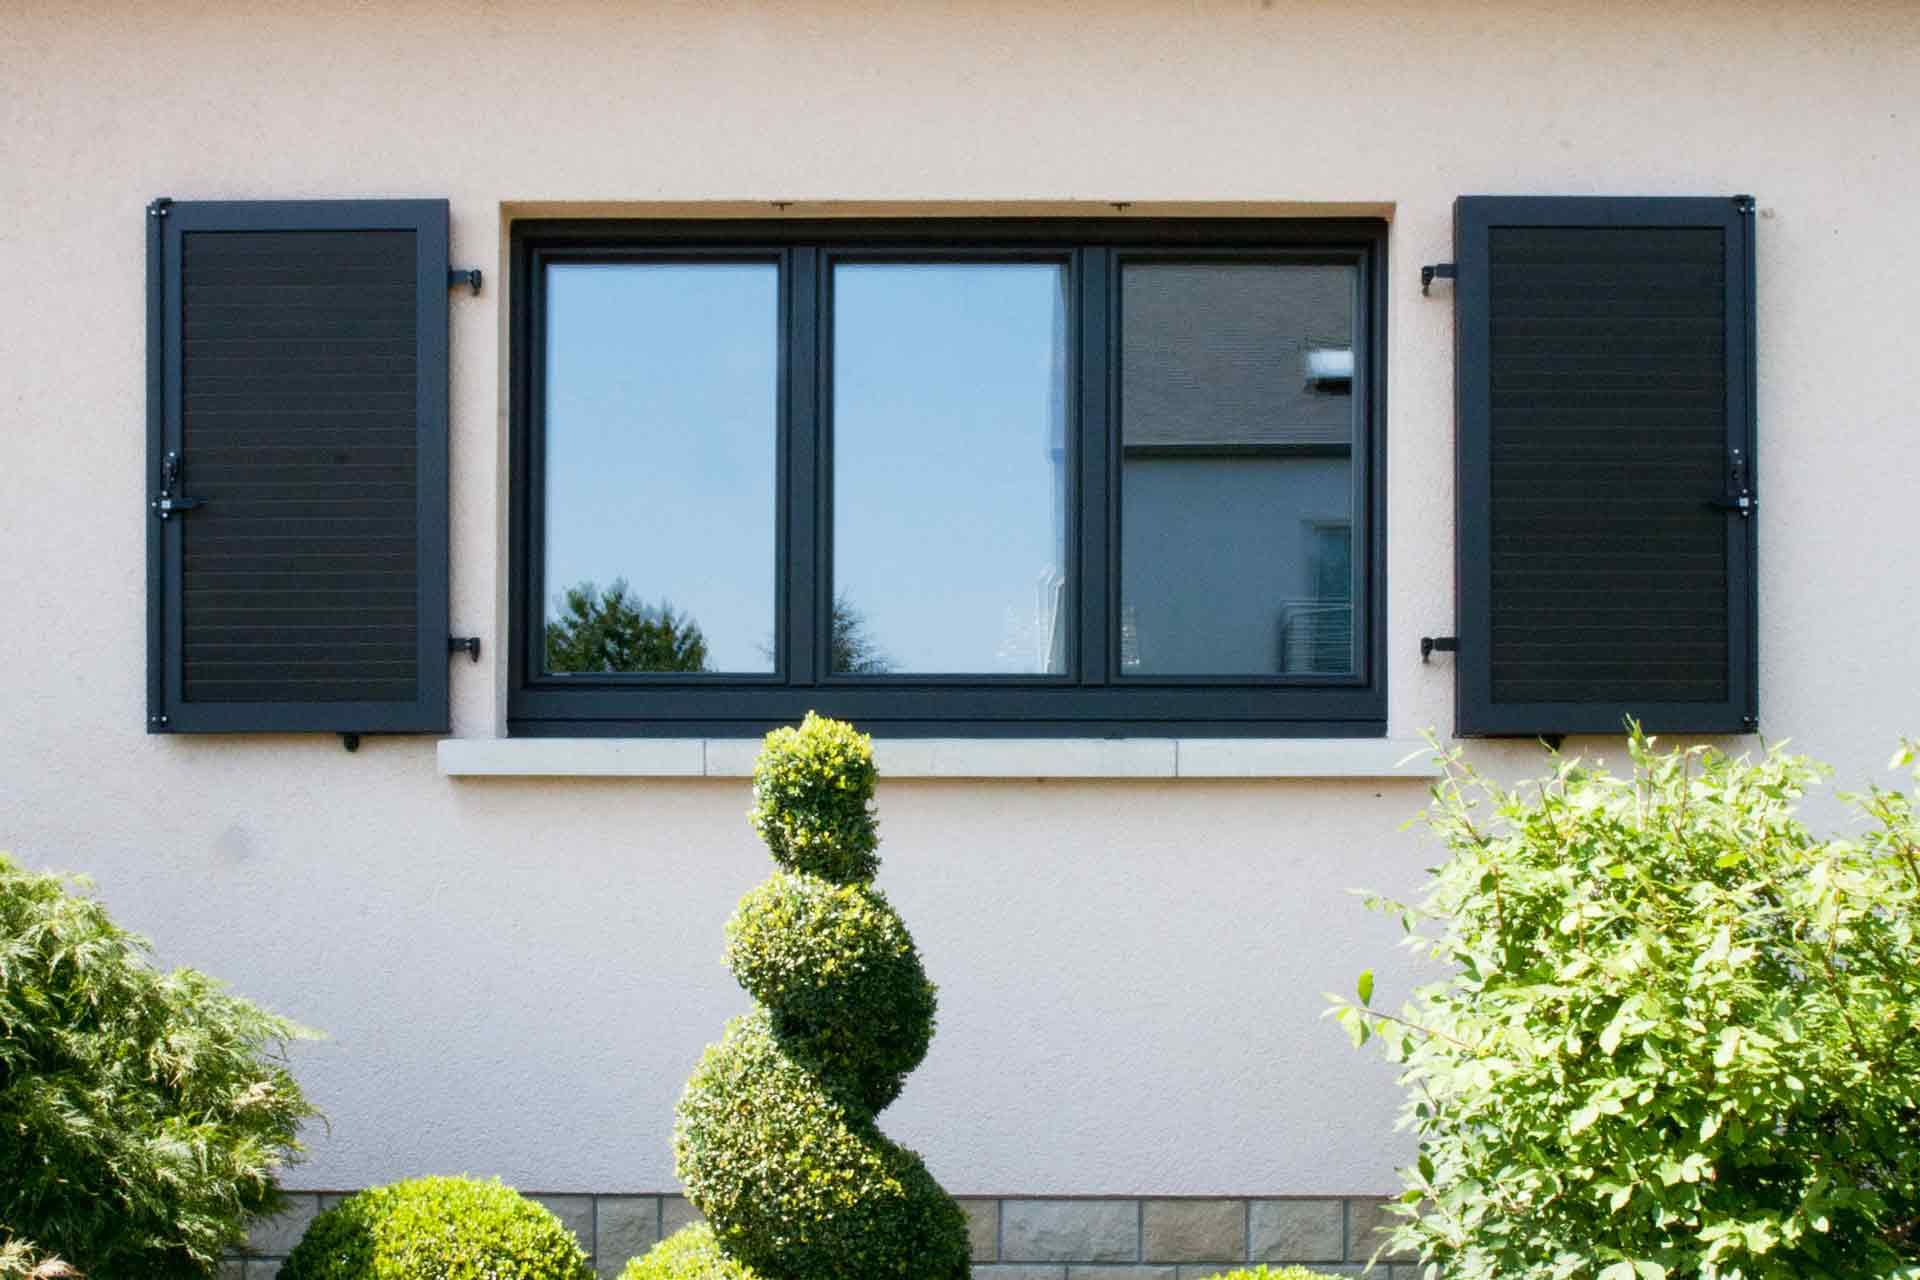 Nahaufnahme von einem modernen grauen Coplaning Fenster mit grauen Klappläden des leicht pinken Einfamilienhauses.